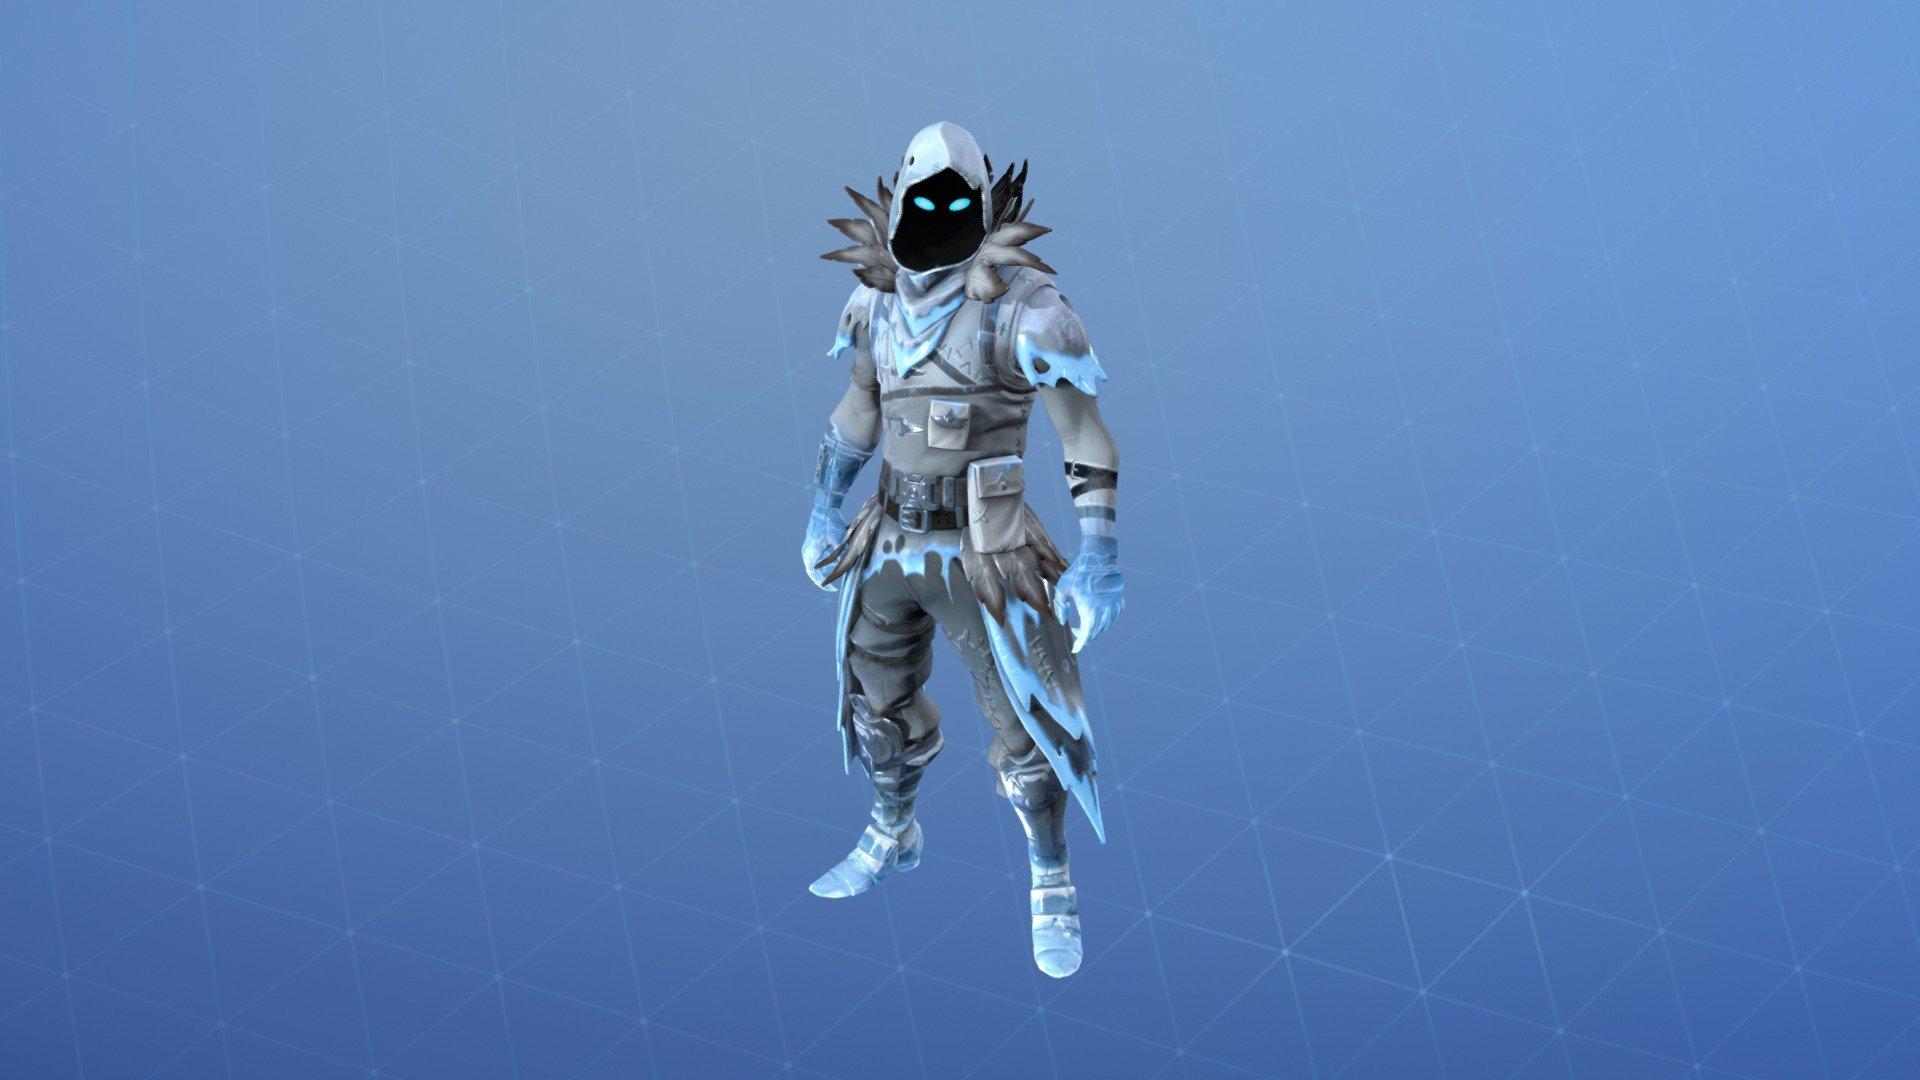 Frozen Raven Outfit   3D model by Fortnite Skins fortniteskins 1920x1080